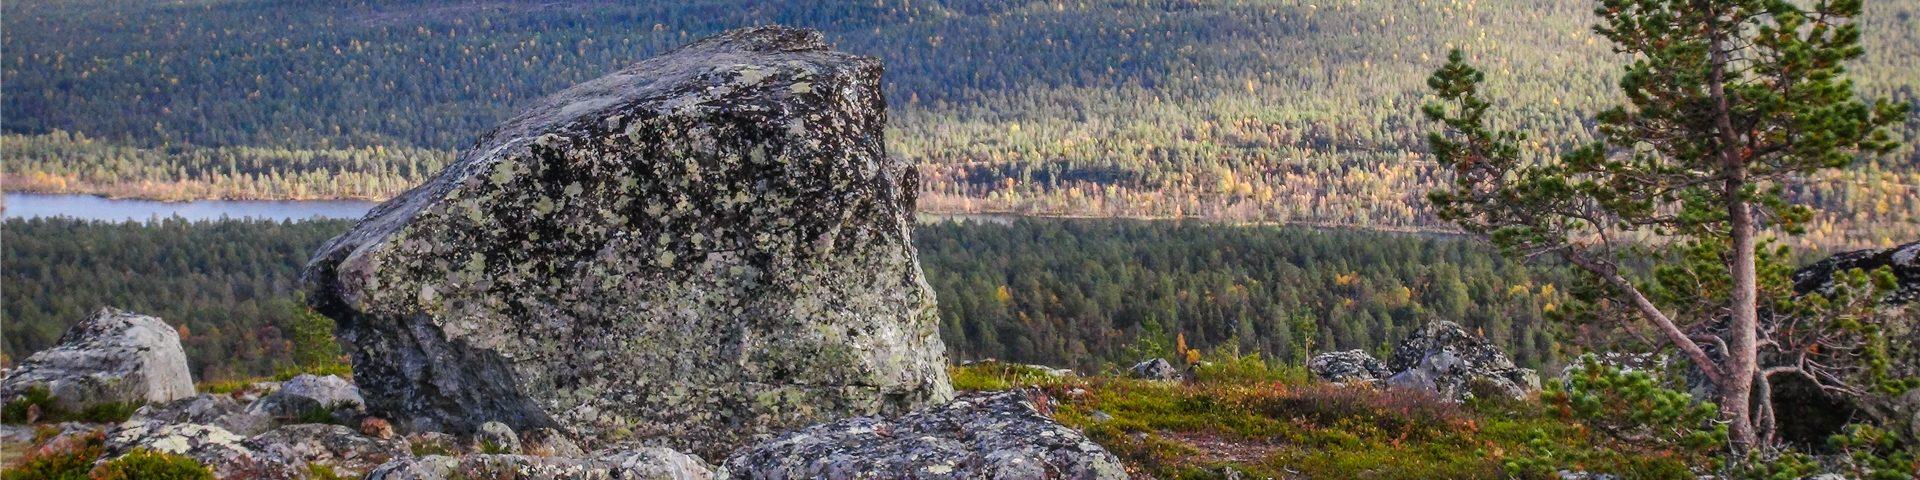 Скандинавская не-Меланхолия. Часть 4. Финляндия. Лапландия.